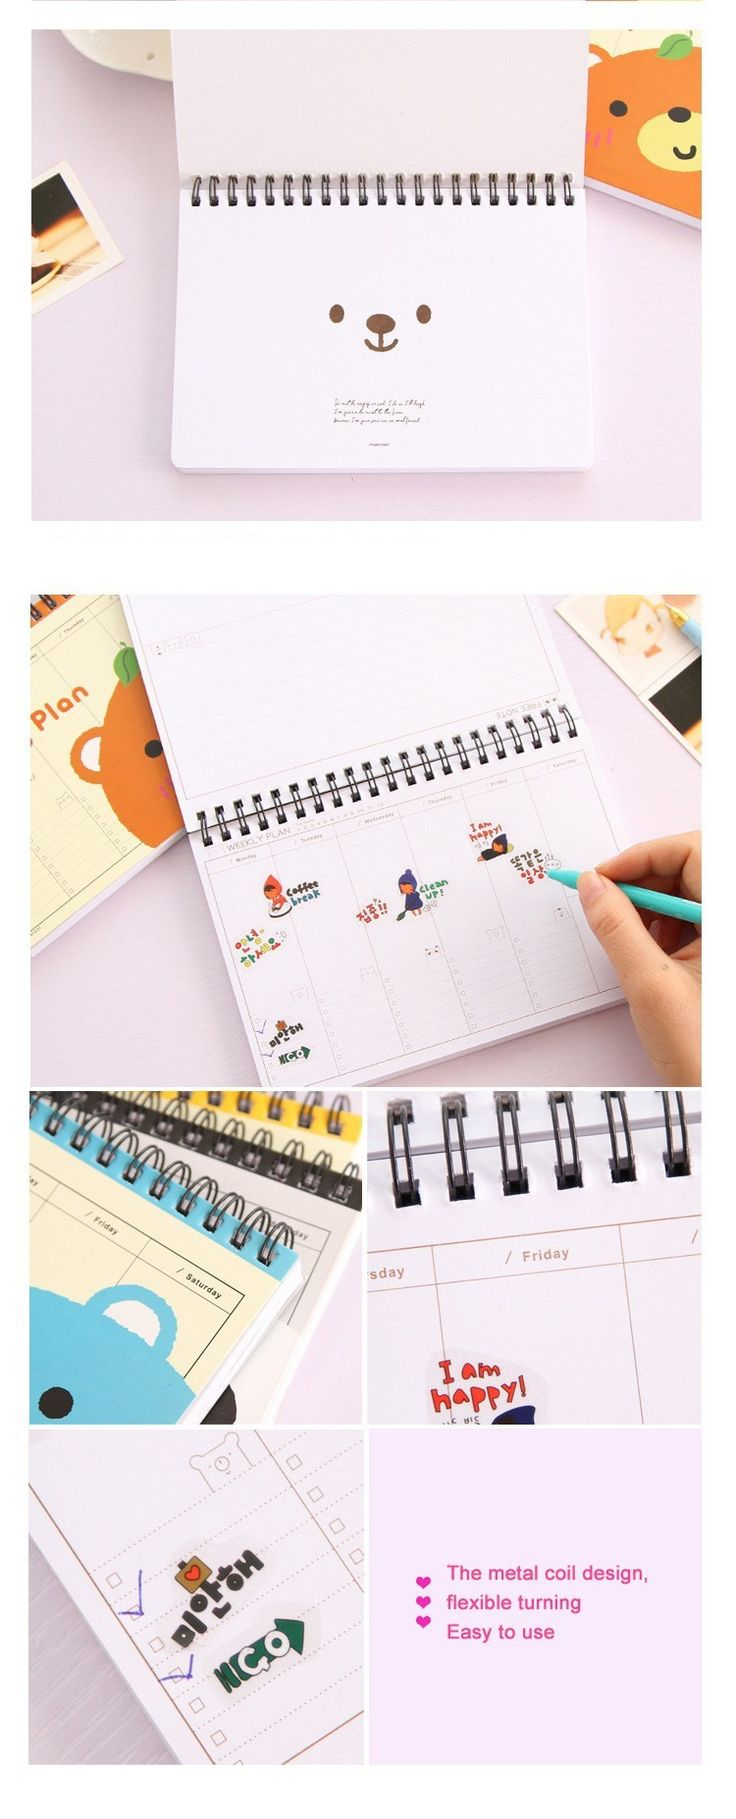 Hot organizador planejador Semanal notebook Planejadores Bonito escola caderno de papel Diário livro de Nota Notepad Escritório Escola Suprimentos presente em Cadernos de Office & School Suprimentos no AliExpress.com | Alibaba Group